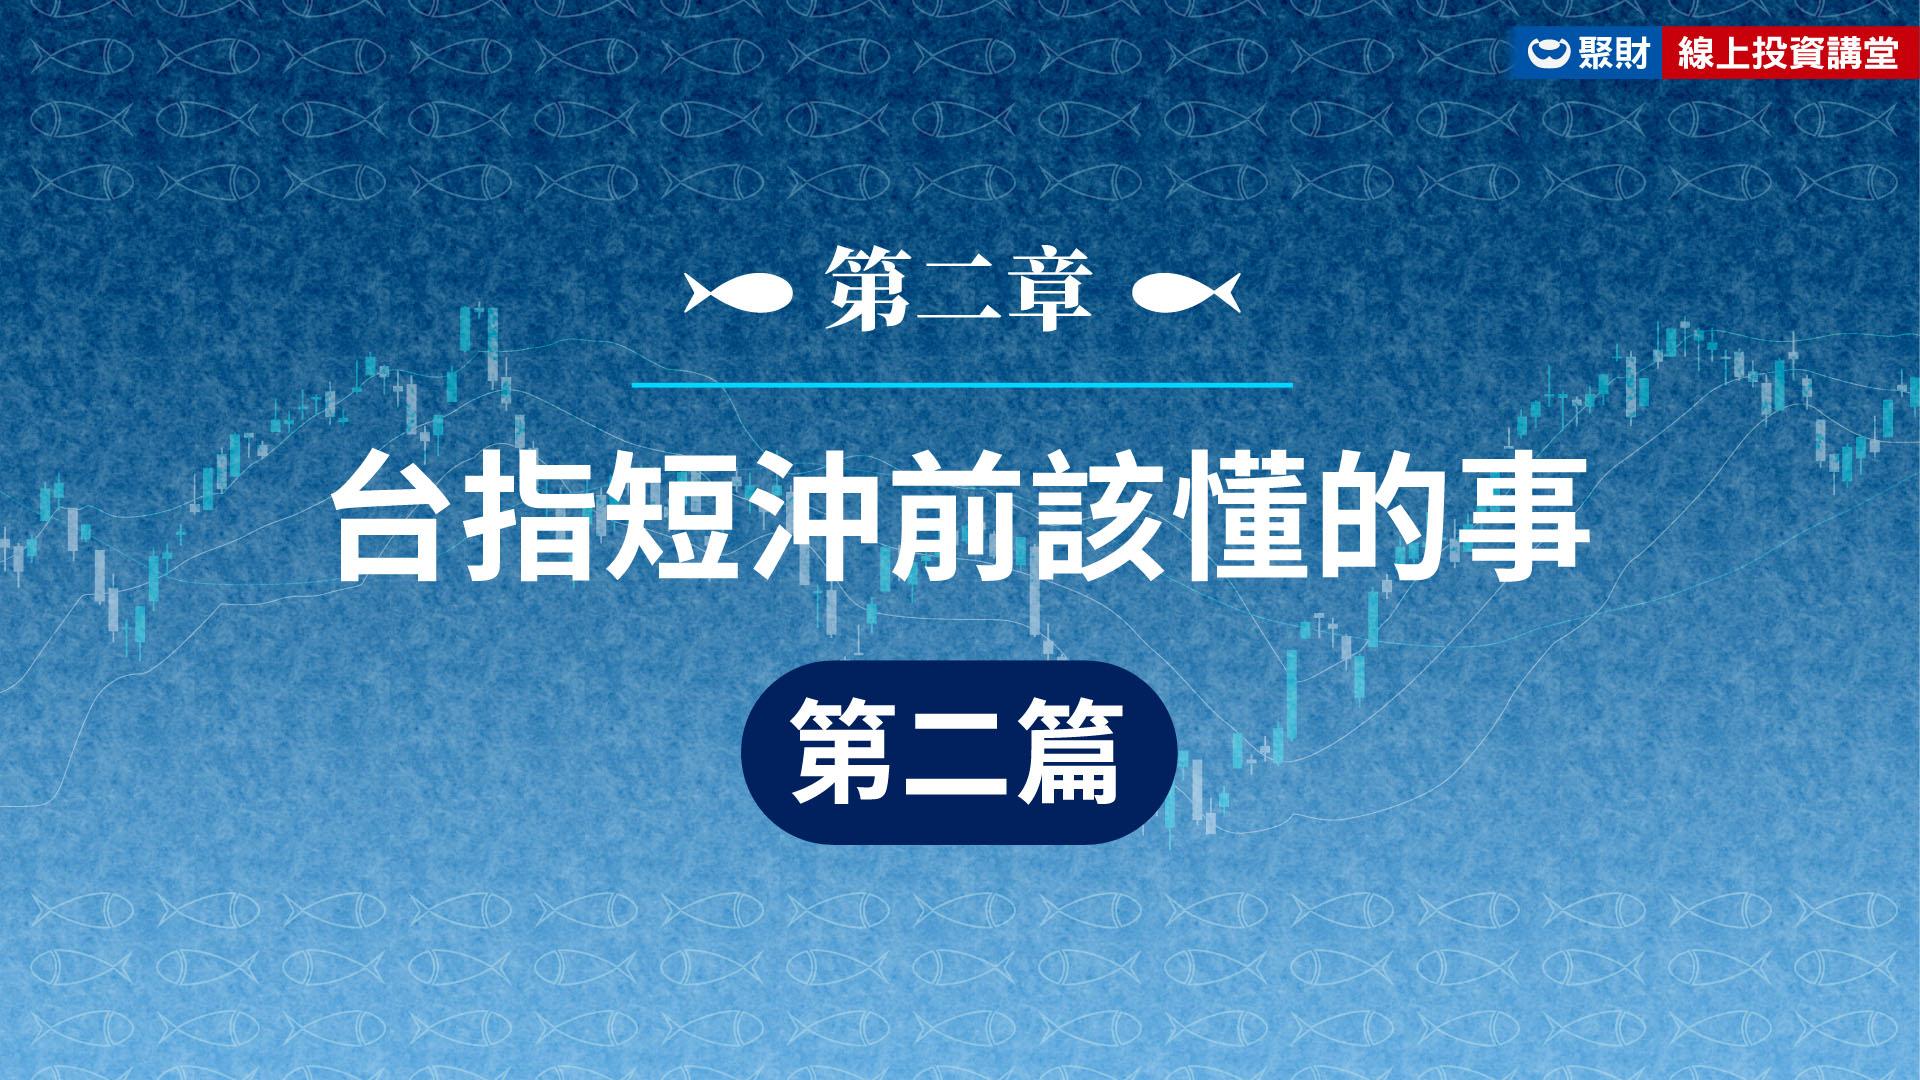 海龍王-第二章:台指短沖前該懂的事 第二篇